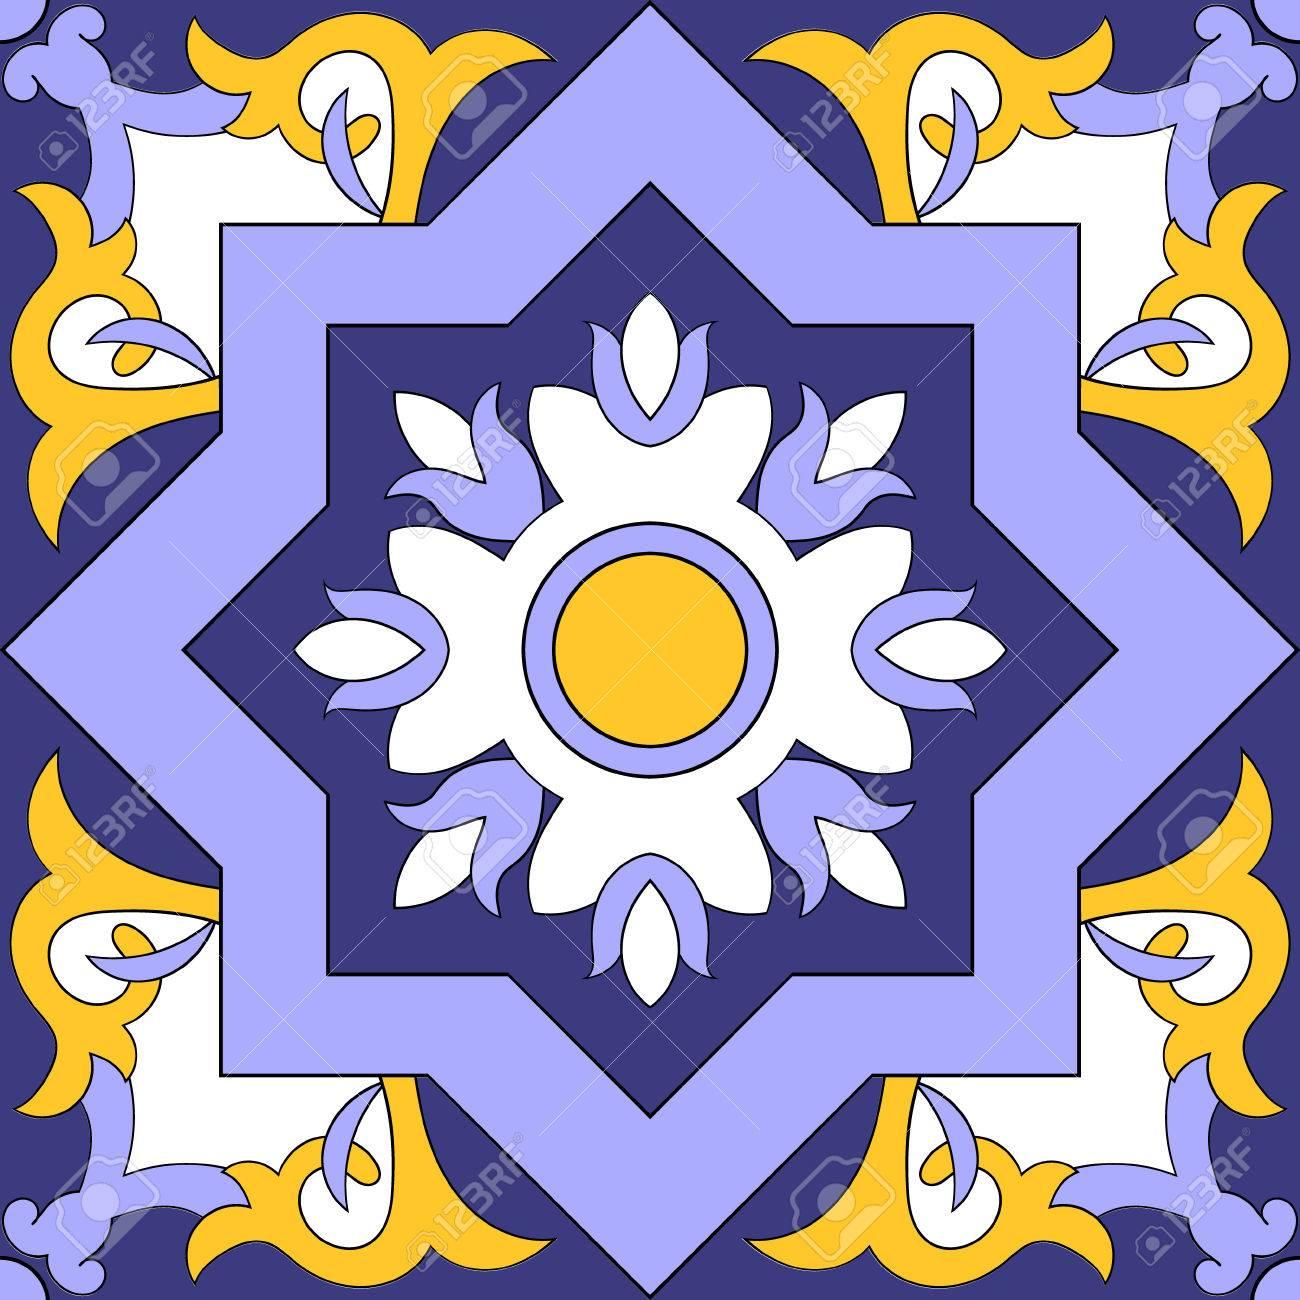 Portugiesischen Kacheln Azulejos Muster Vektor Nahtlos Blau Weiss